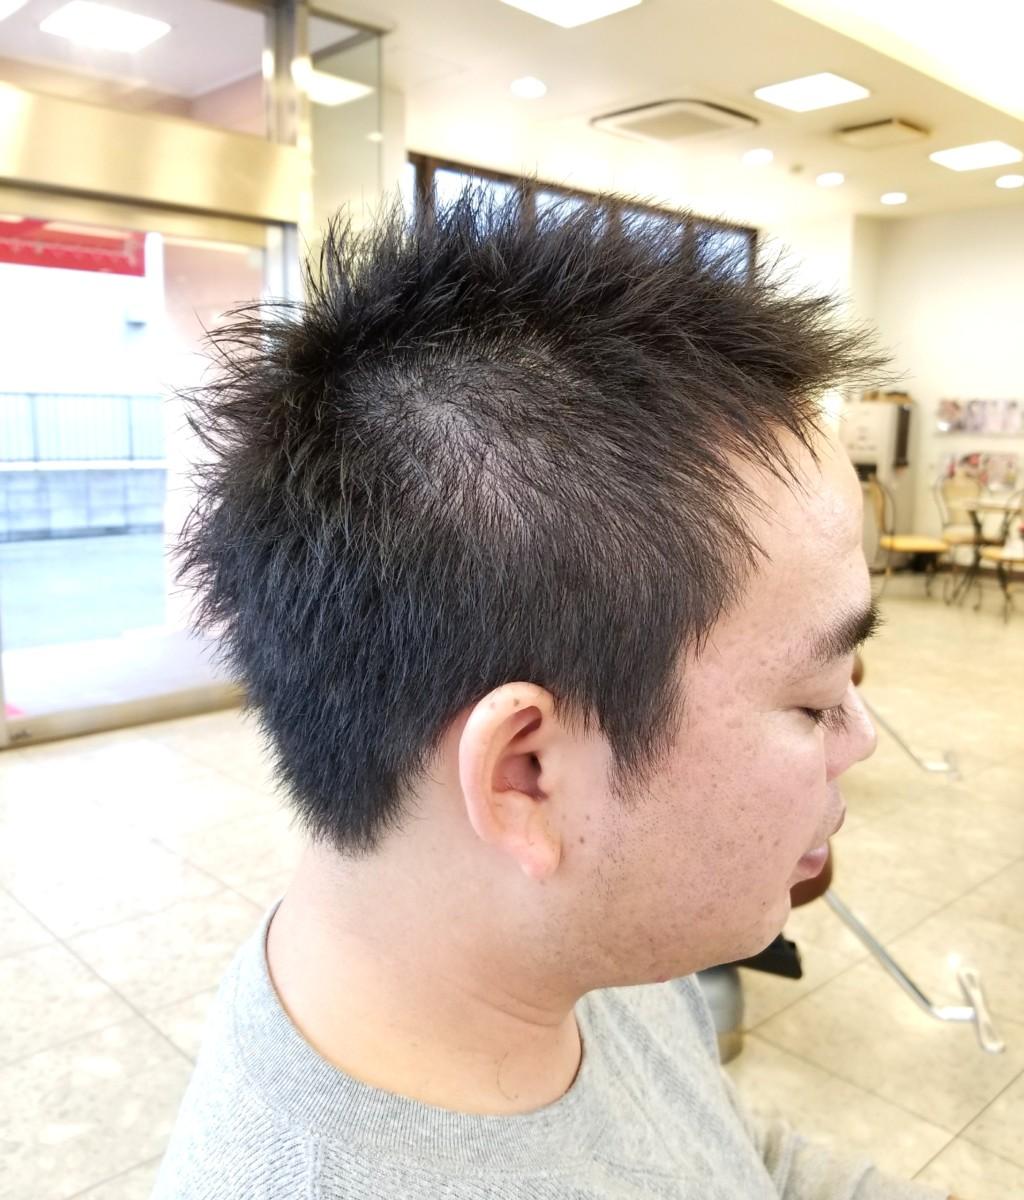 刈りあげないくらいの短髪で!!!セット楽ちんメンズショート✂✂